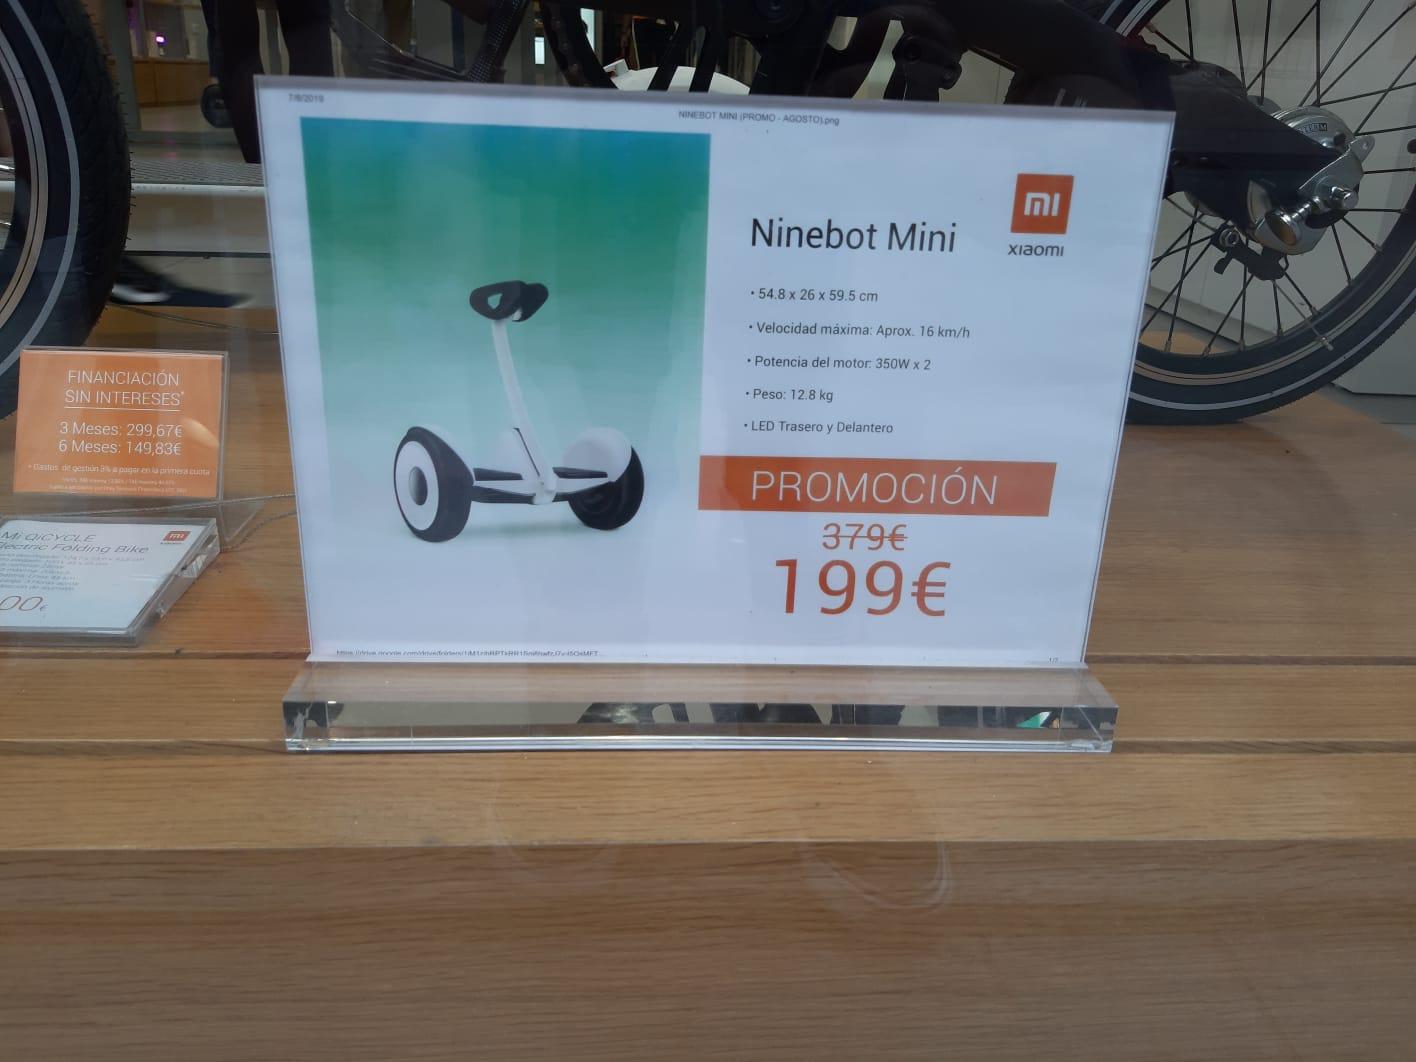 Ninebot Xiaomi en tienda física Xiaomi de Sol (Madrid)